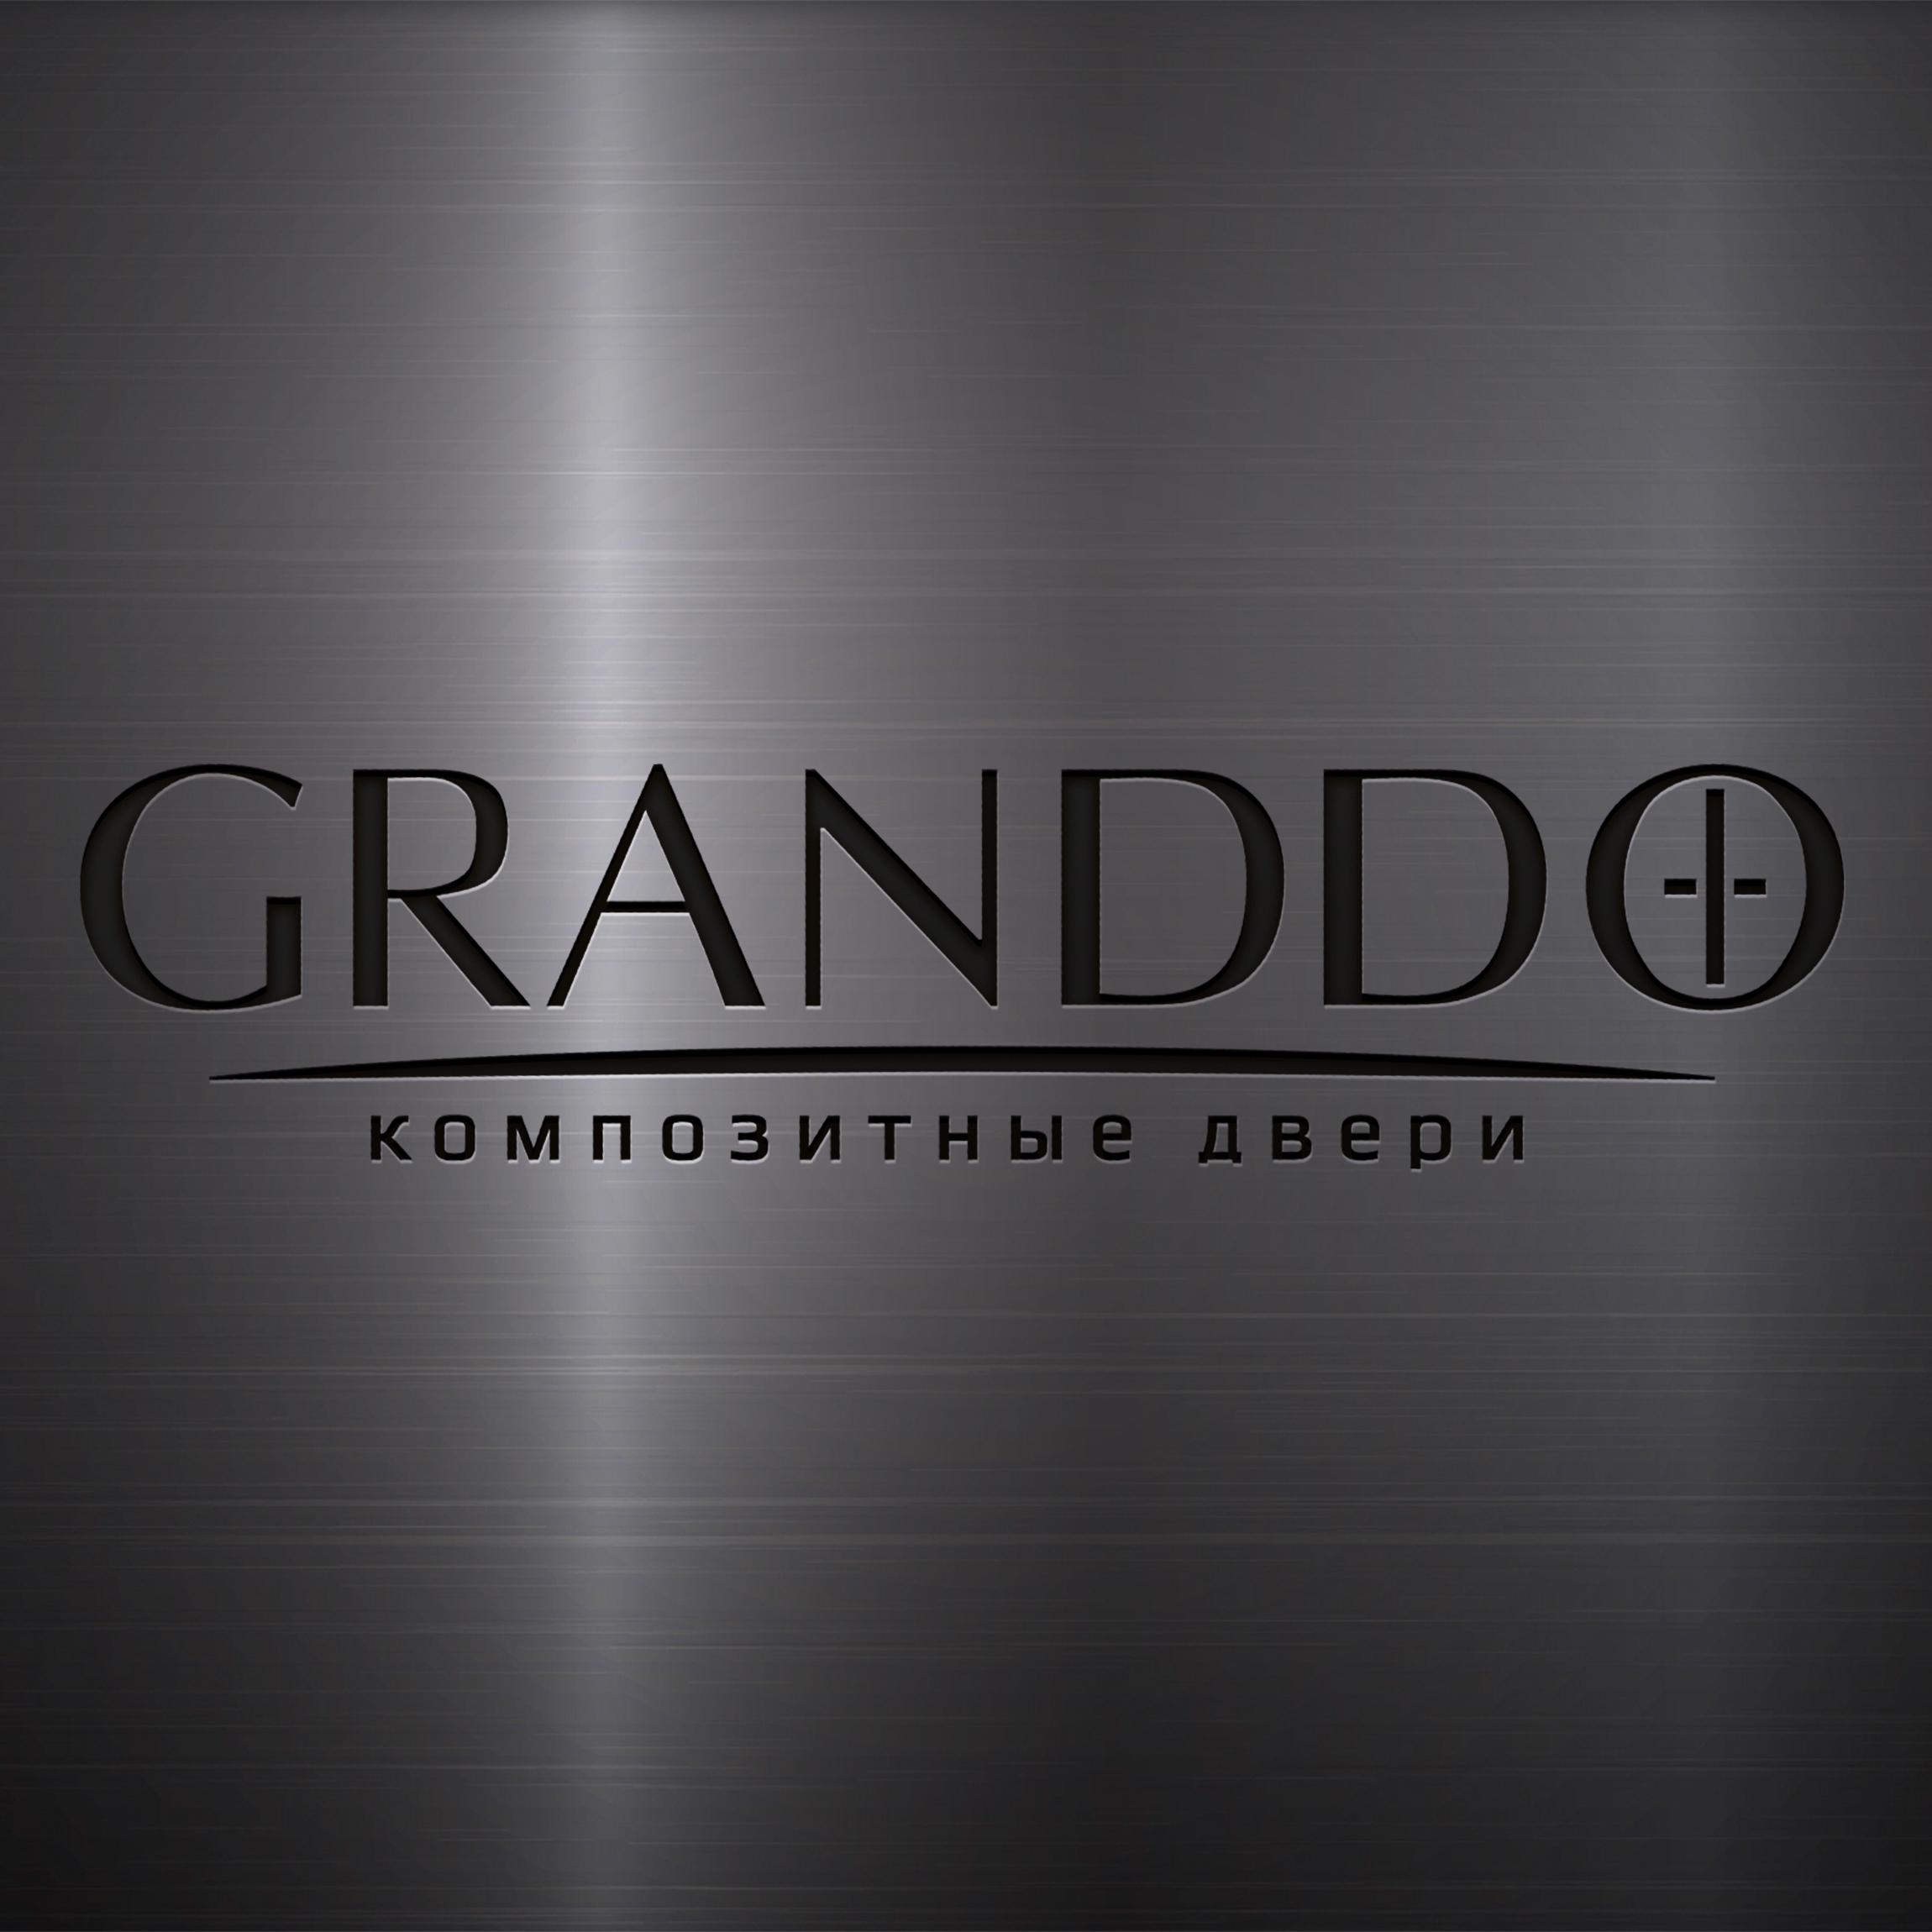 Разработка логотипа фото f_0905a93305181854.jpg